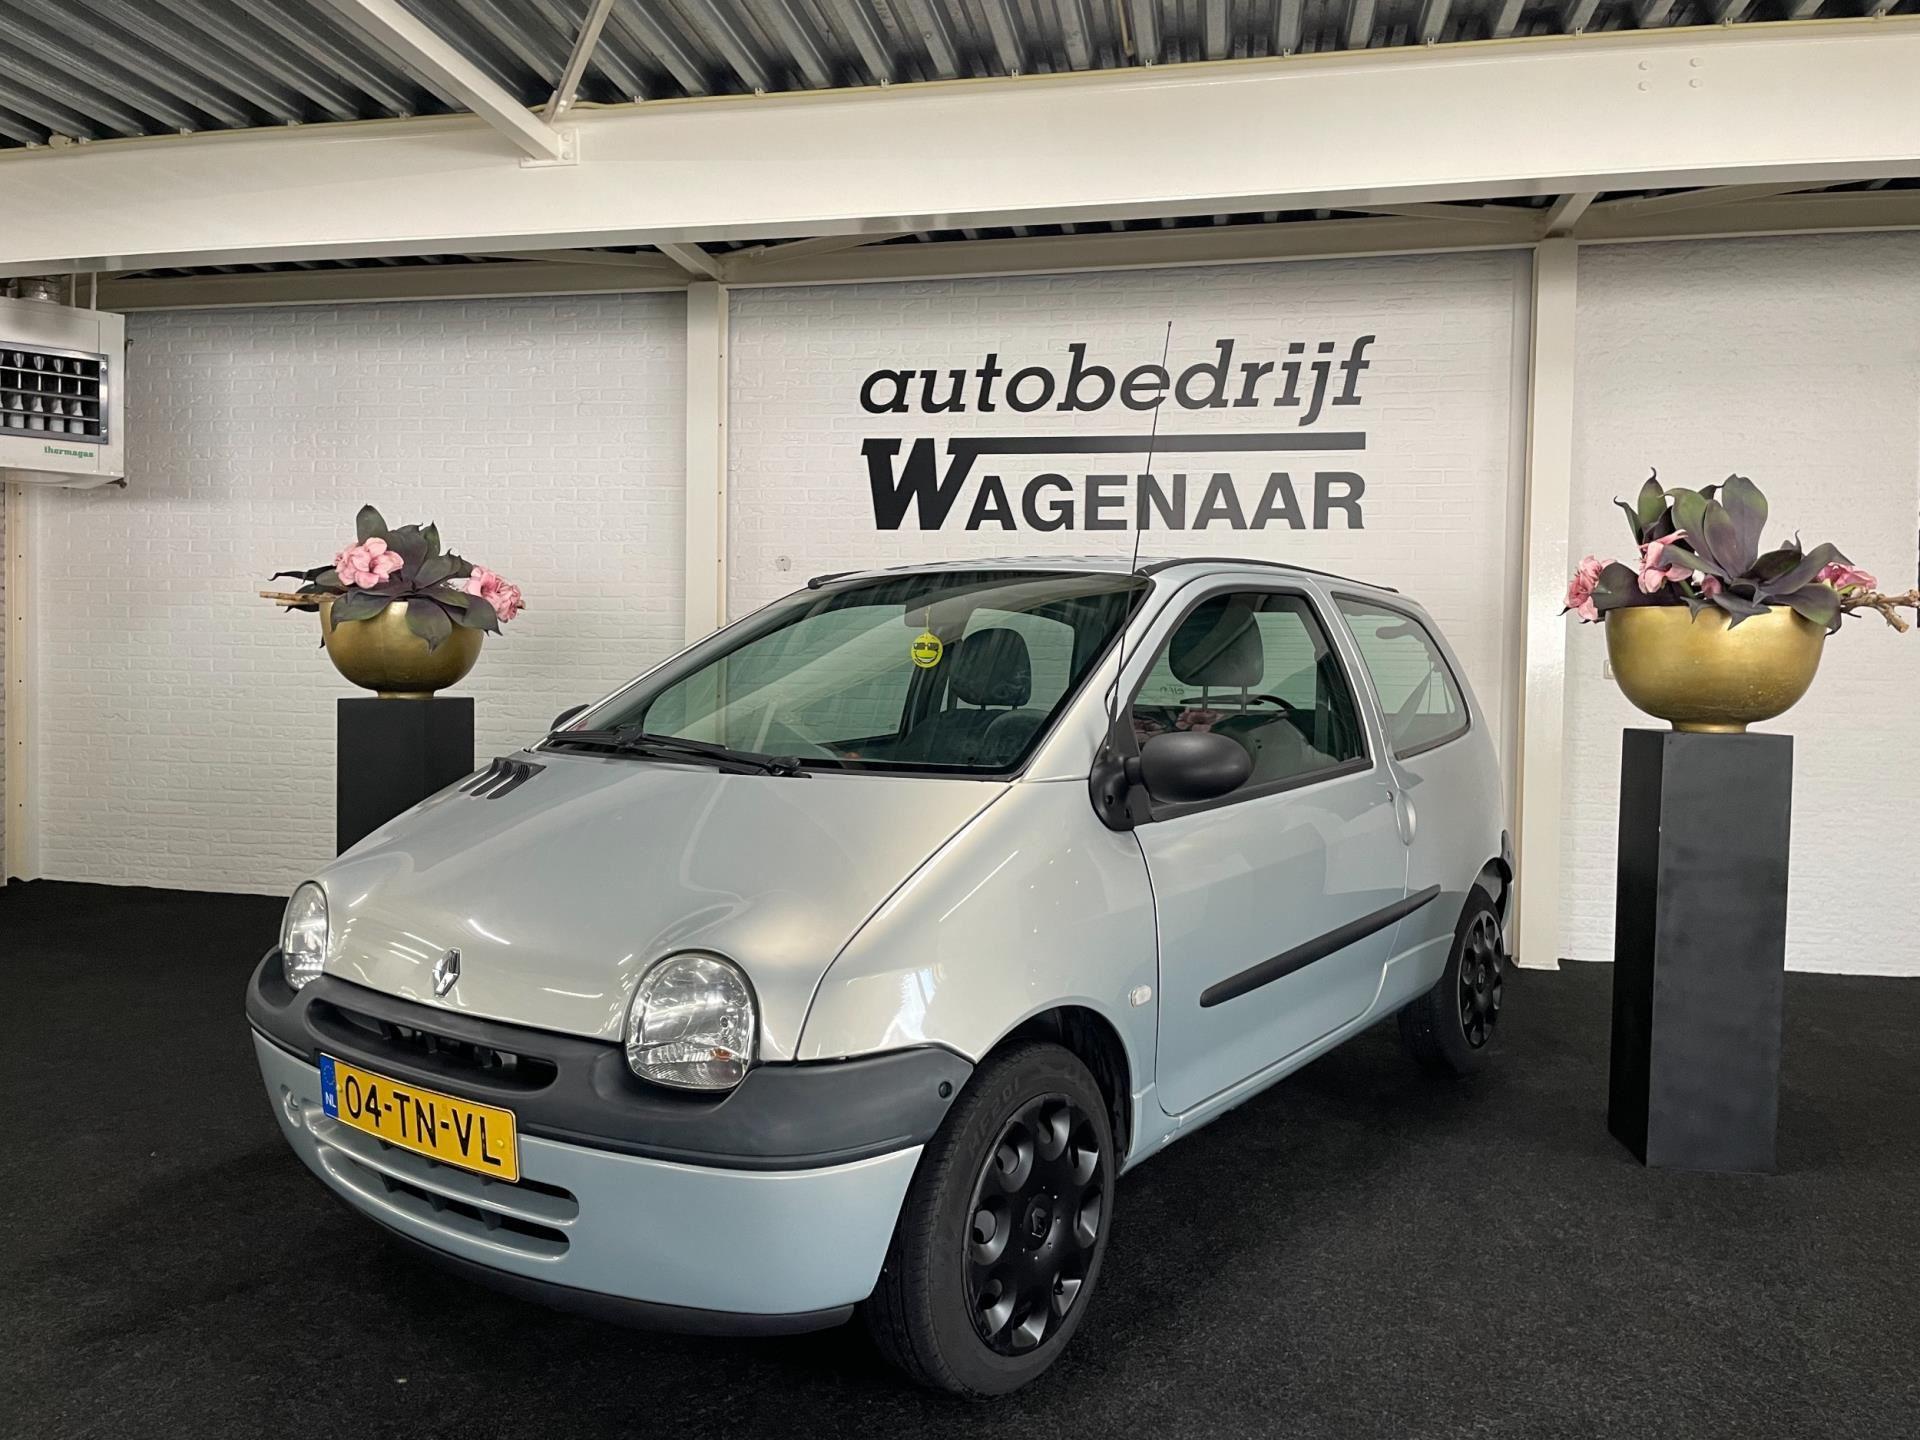 Renault Twingo occasion - Autobedrijf Wagenaar